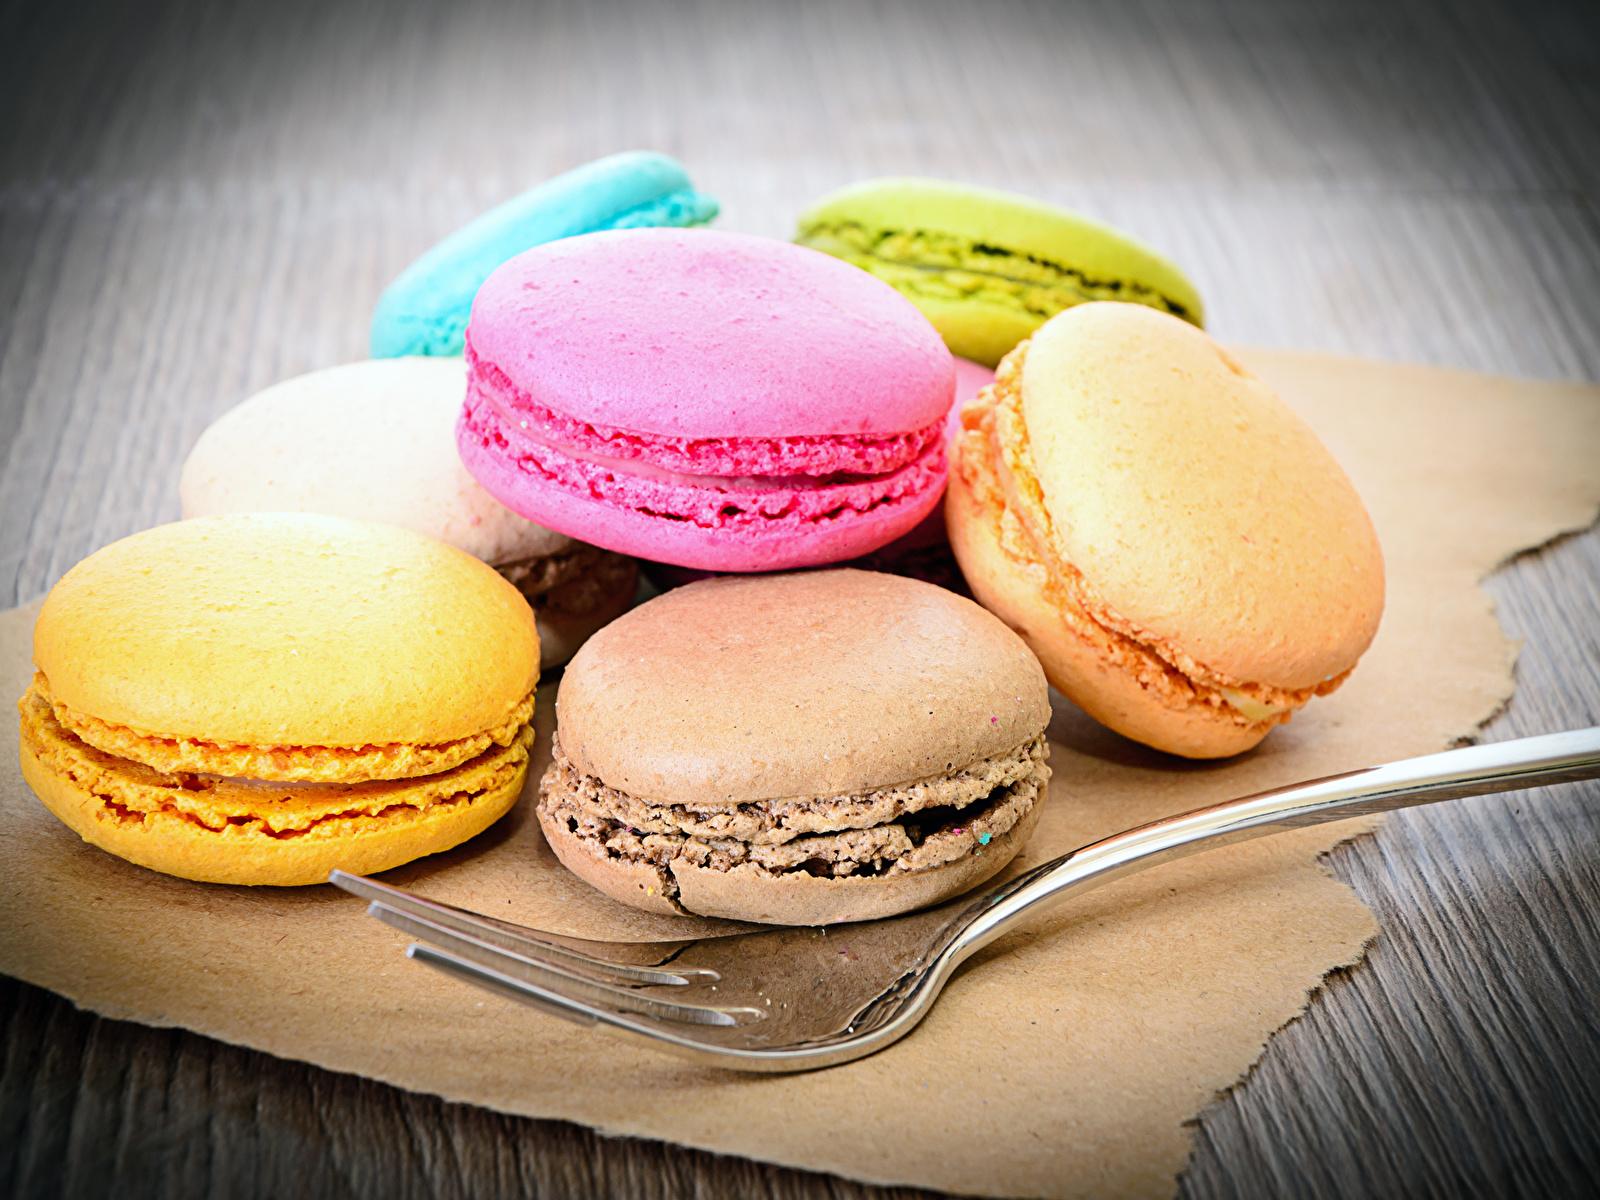 Картинки Макарон Еда вилки Печенье Сладости 1600x1200 Пища Вилка столовая Продукты питания сладкая еда